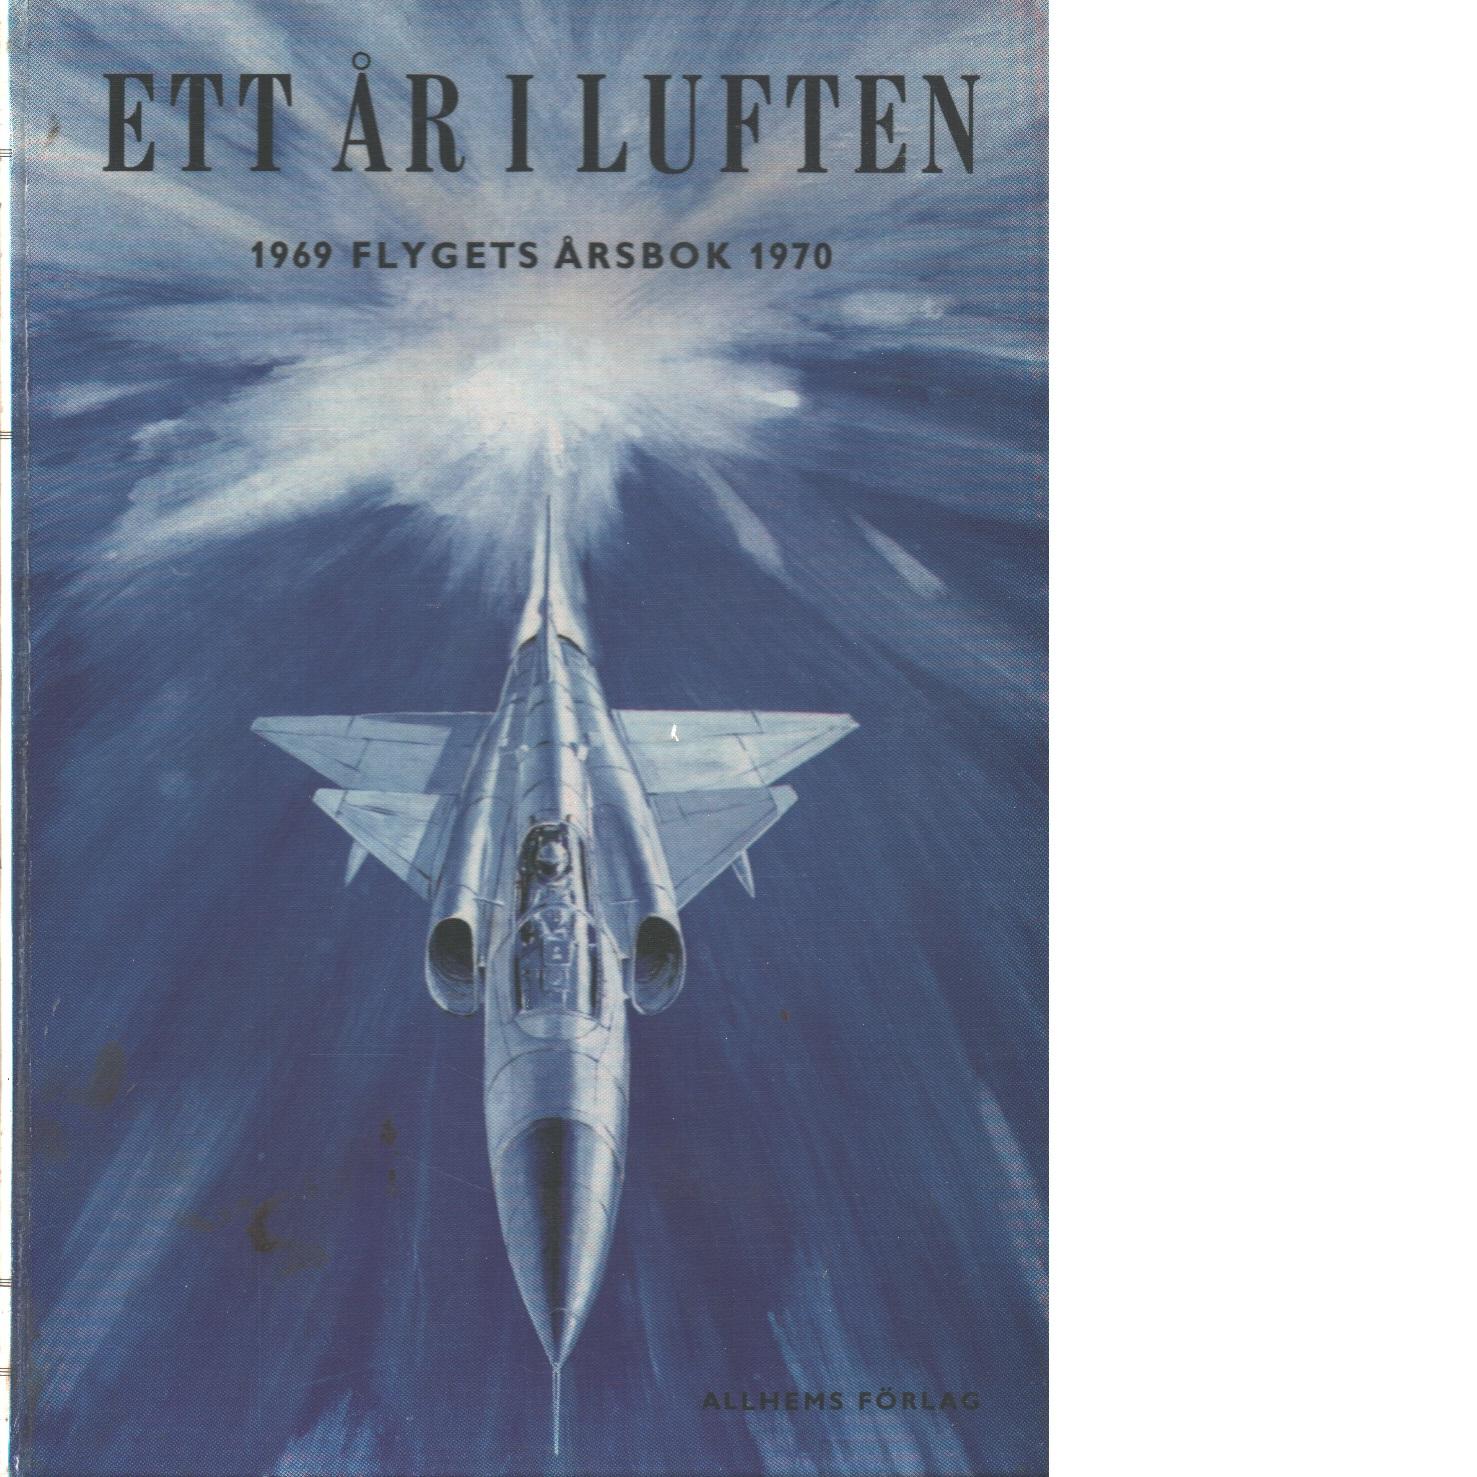 Ett år i luften - Flygets årsbok 1969-70 / Krigsflyg / Trafikflyg / Sportflyg / Segelflg / Modellflyg - Red.